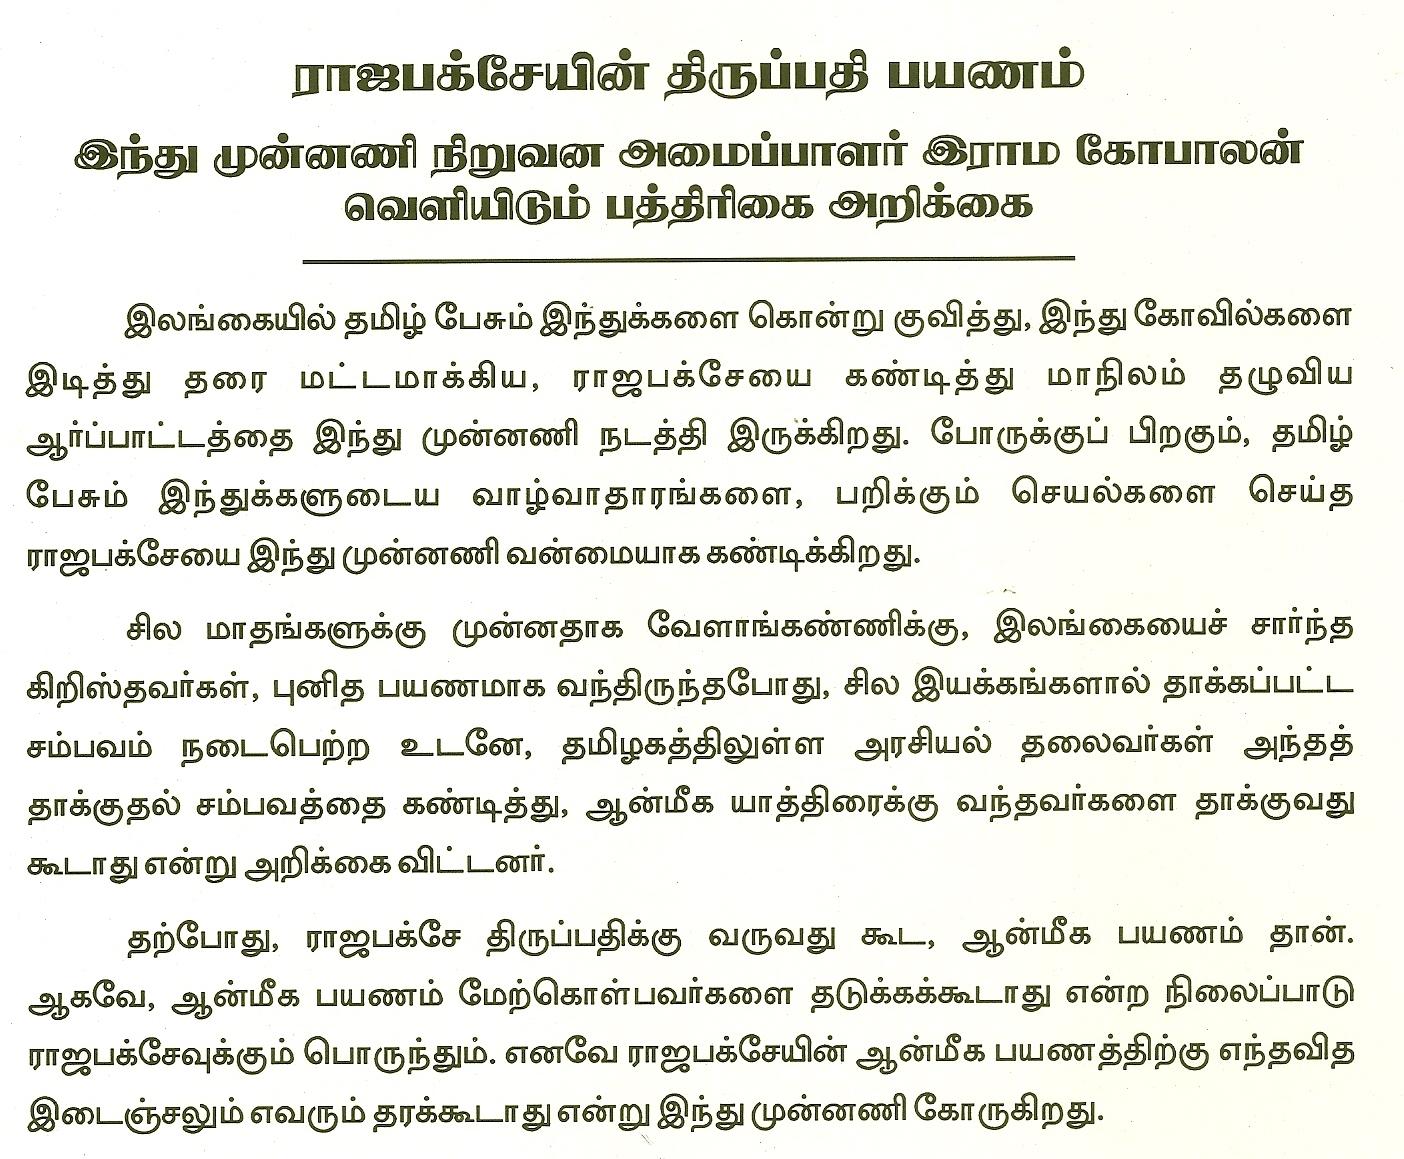 Press release by Rama.Gopalan Ji about rajapakshe's thirupathi visit